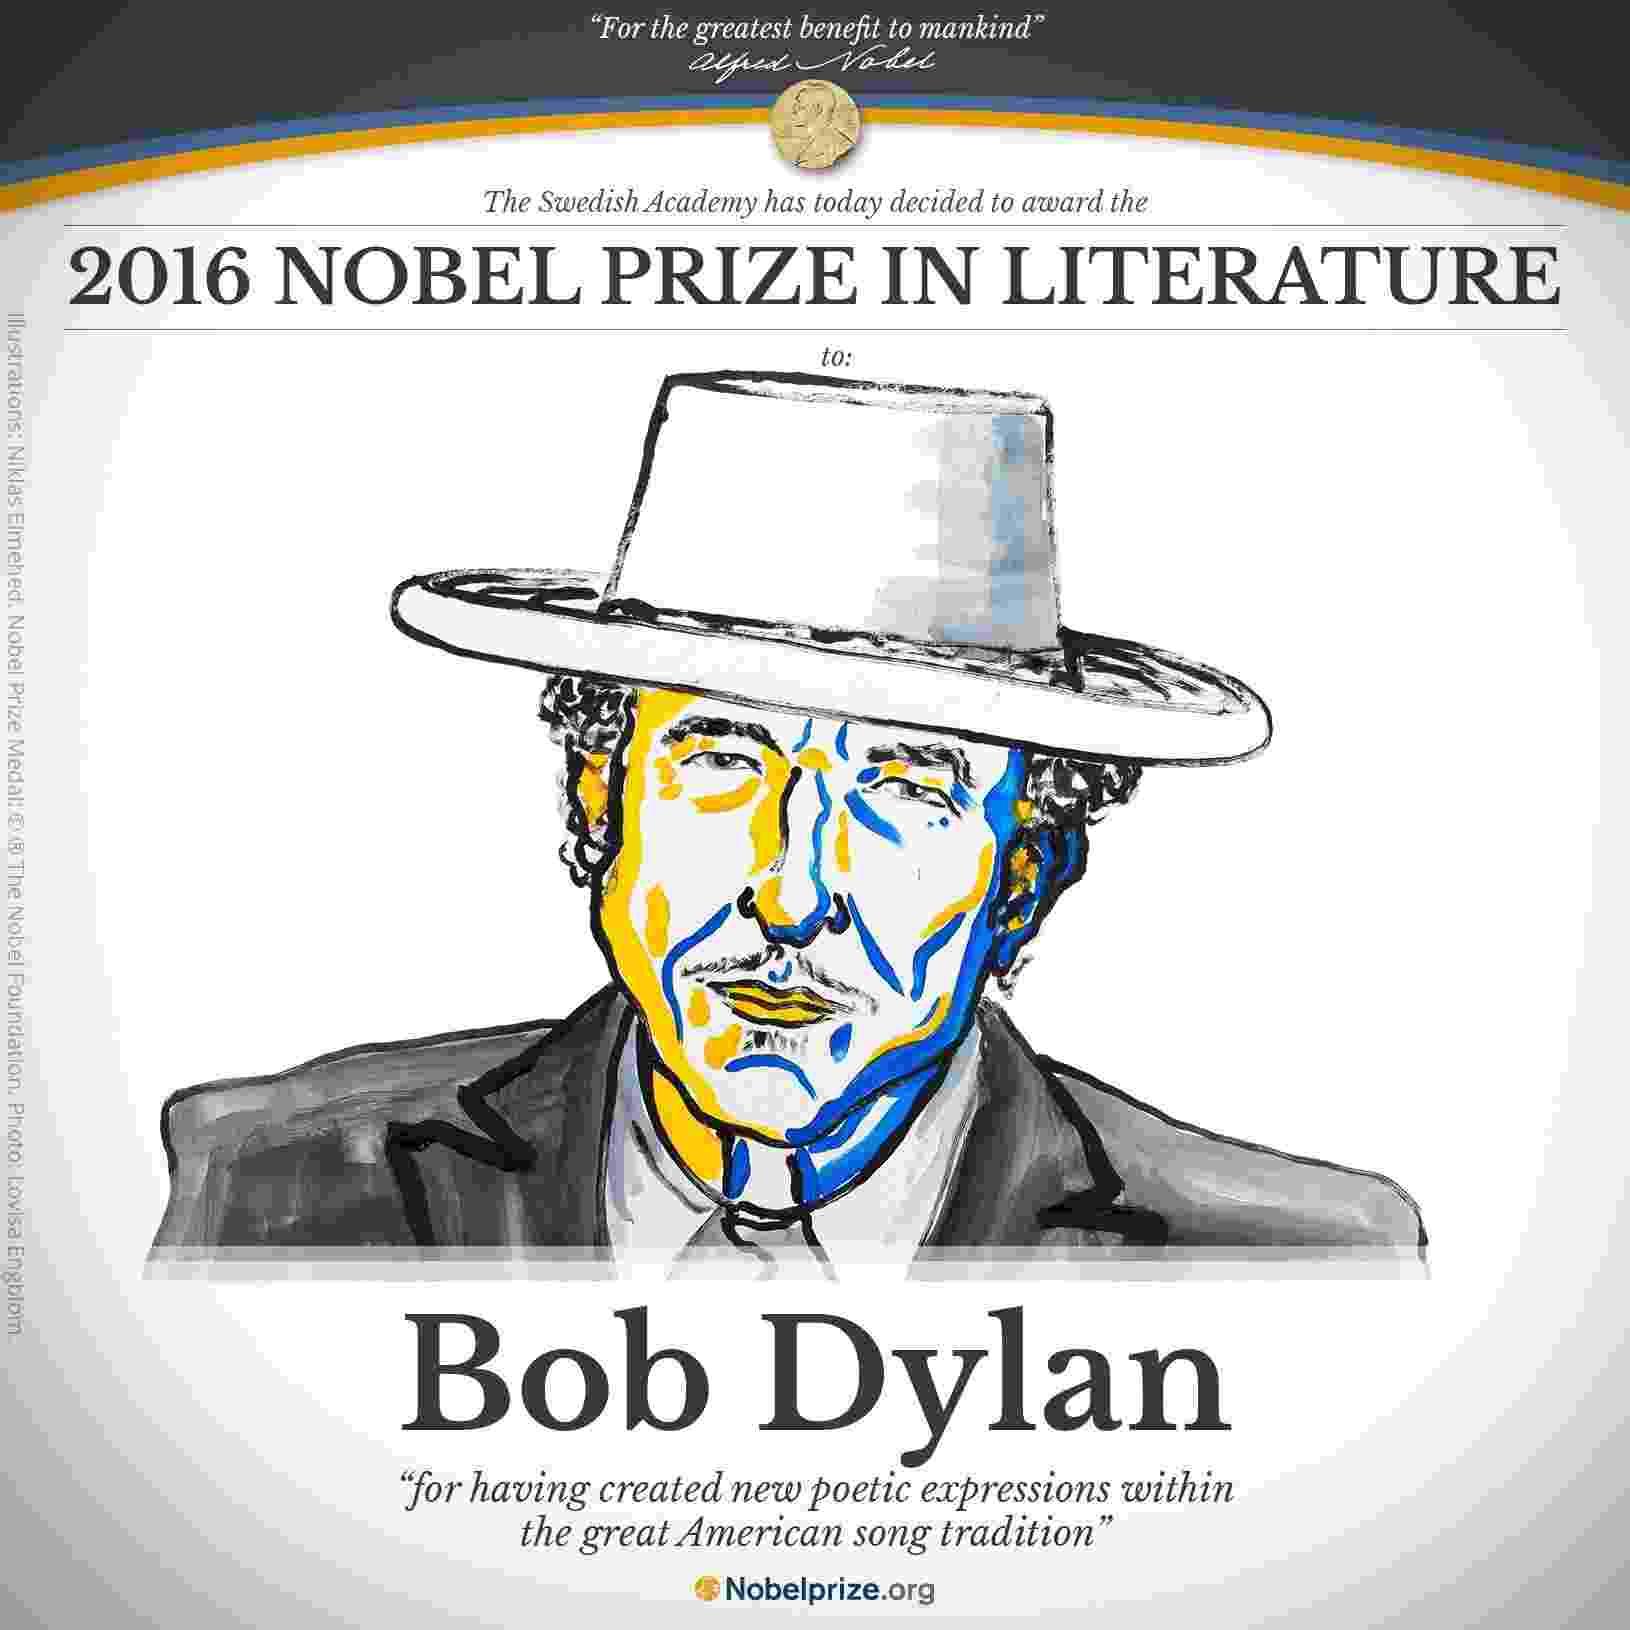 Bob Dylan vence Prêmio Nobel de Literatura 2016 - Reprodução/Twitter/nobelprize